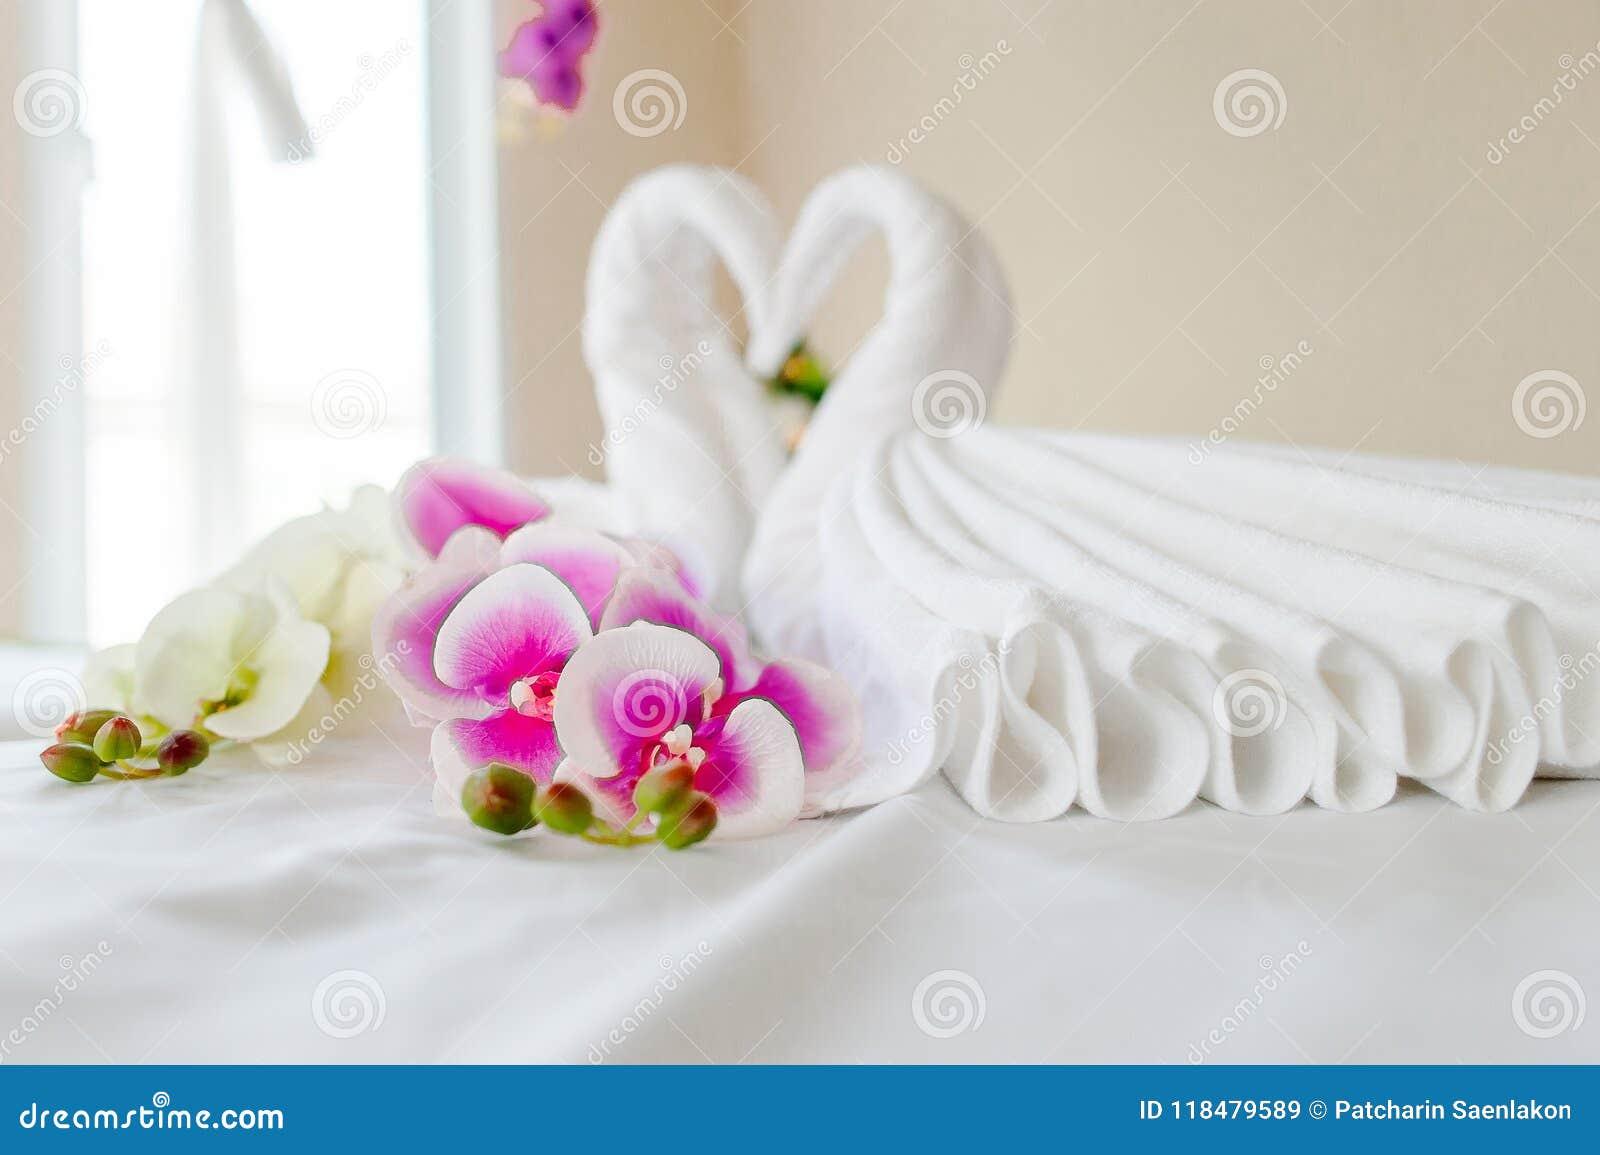 Balneario y atención sanitaria con las flores y las toallas Productos naturales a